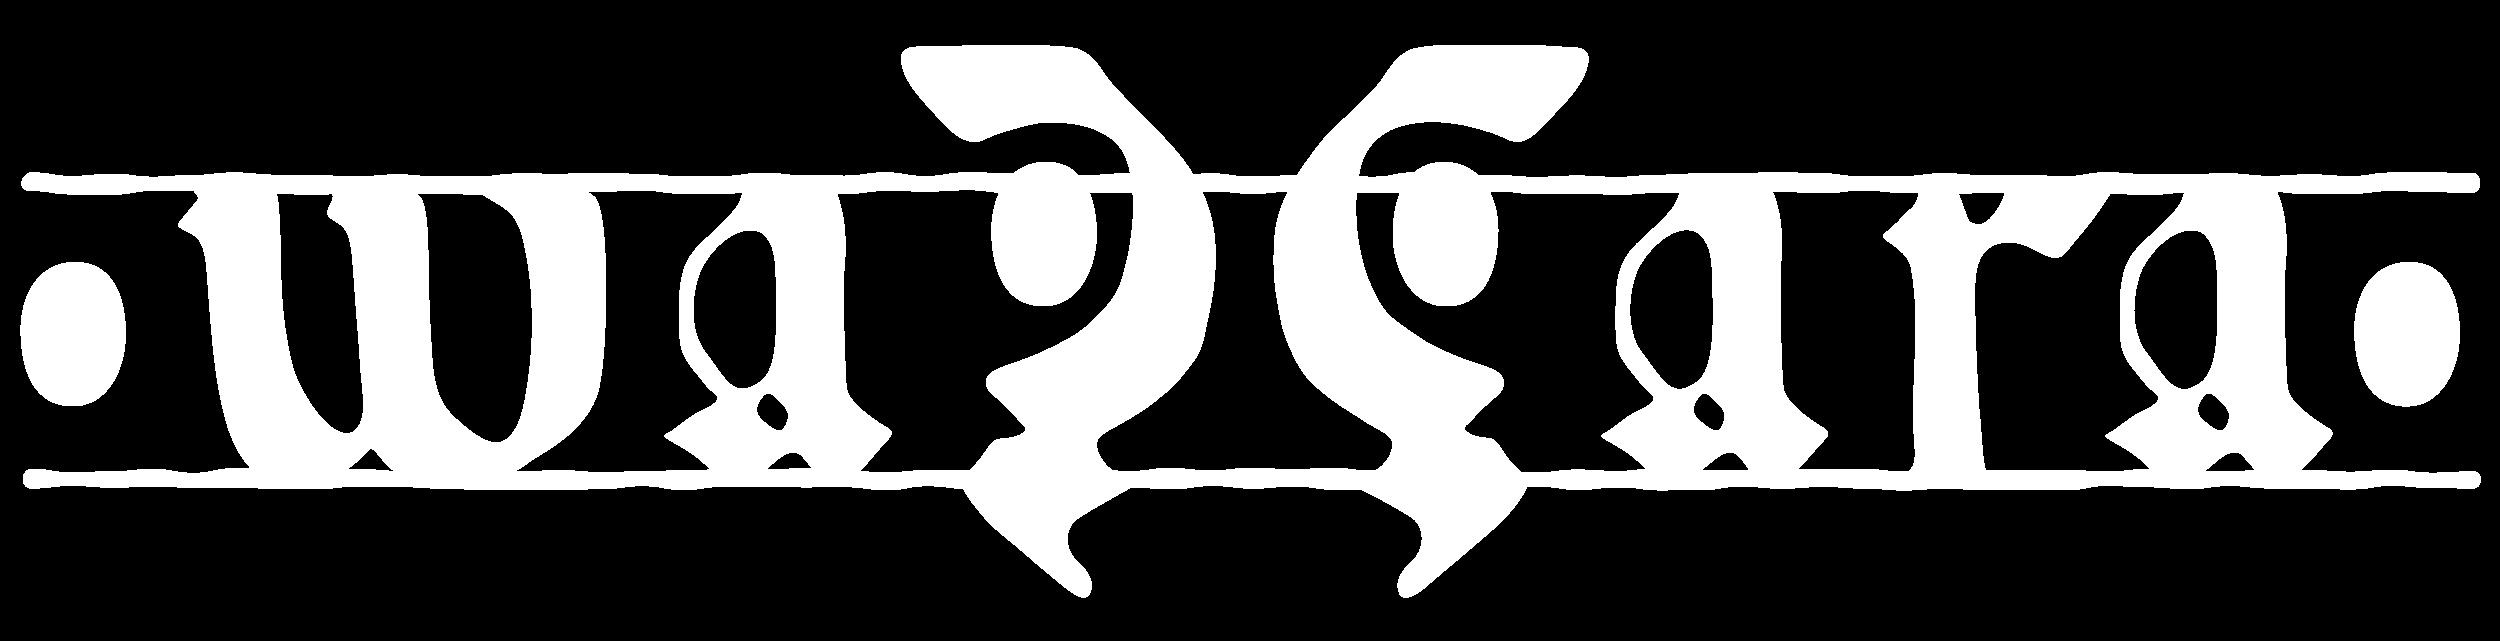 Wazzara Logo